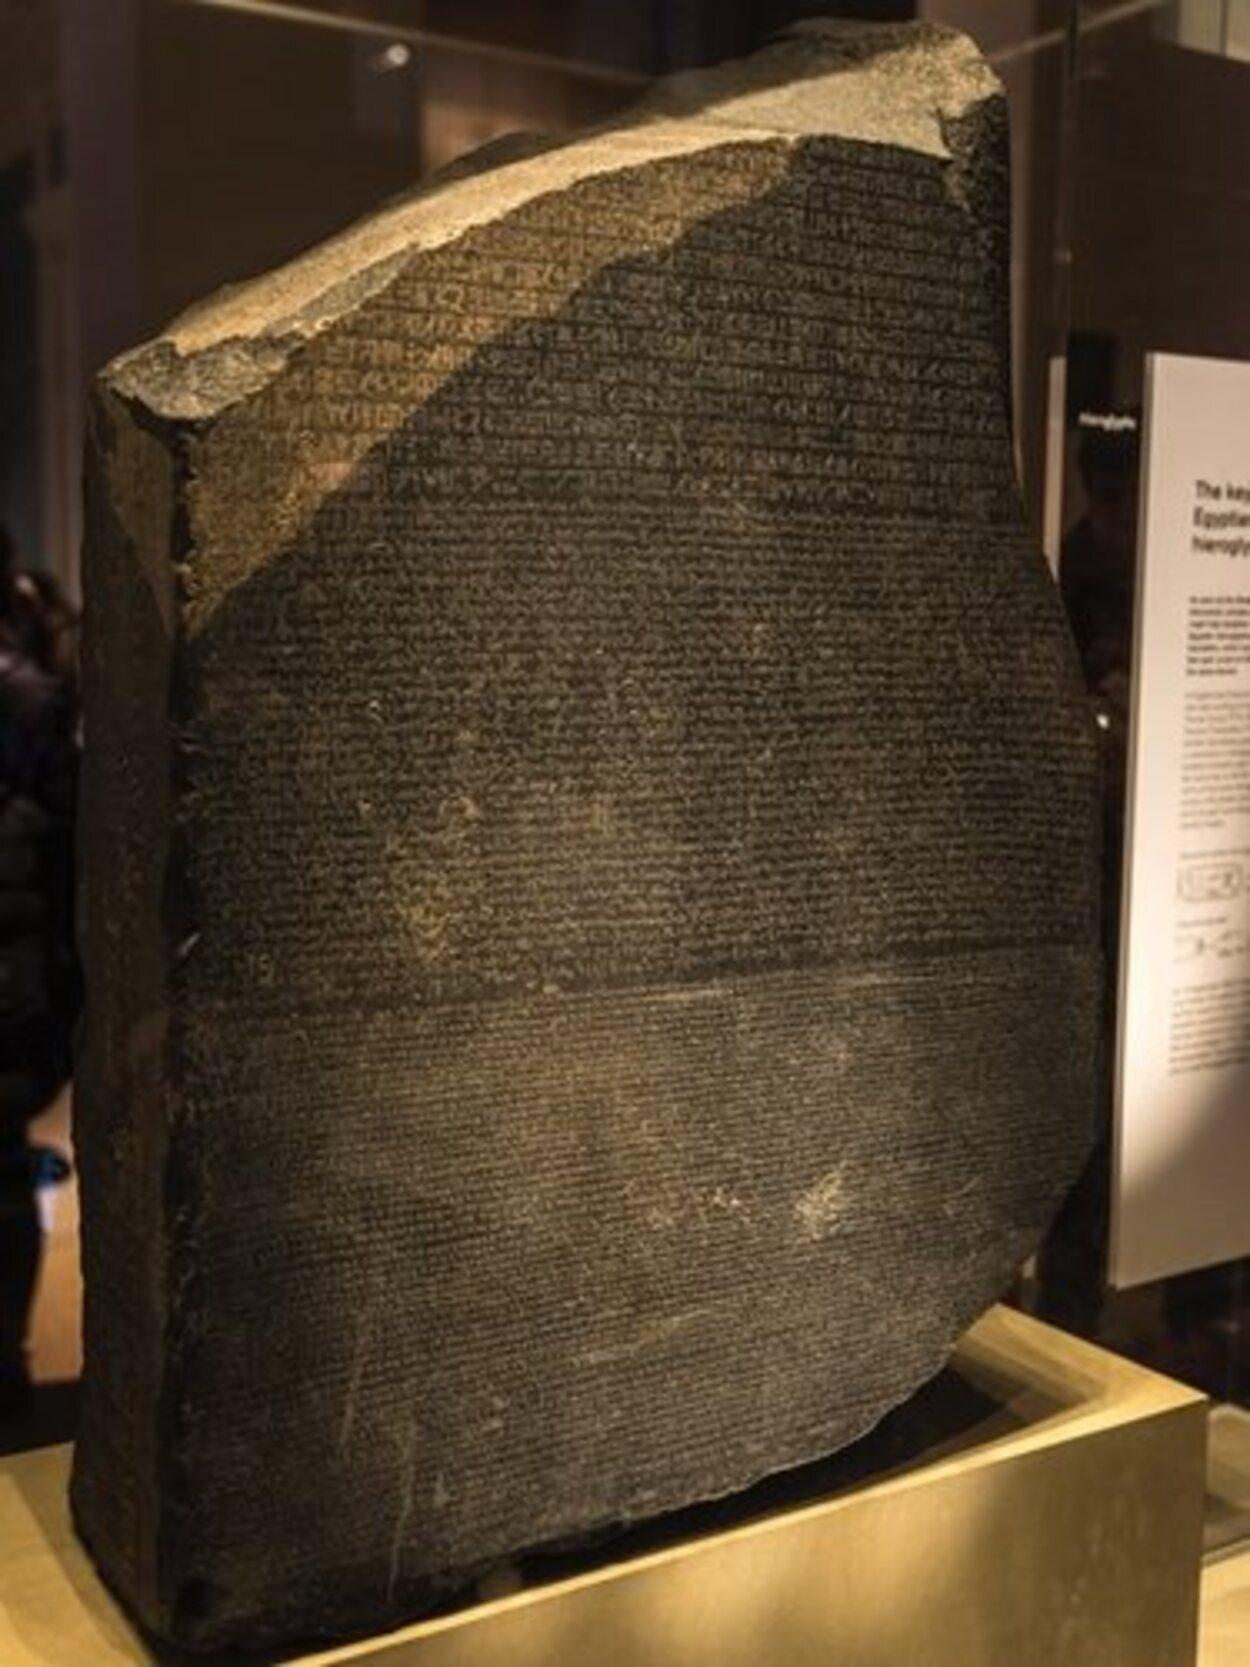 La clave para descifrar los jeroglíficos salió de esta piedra